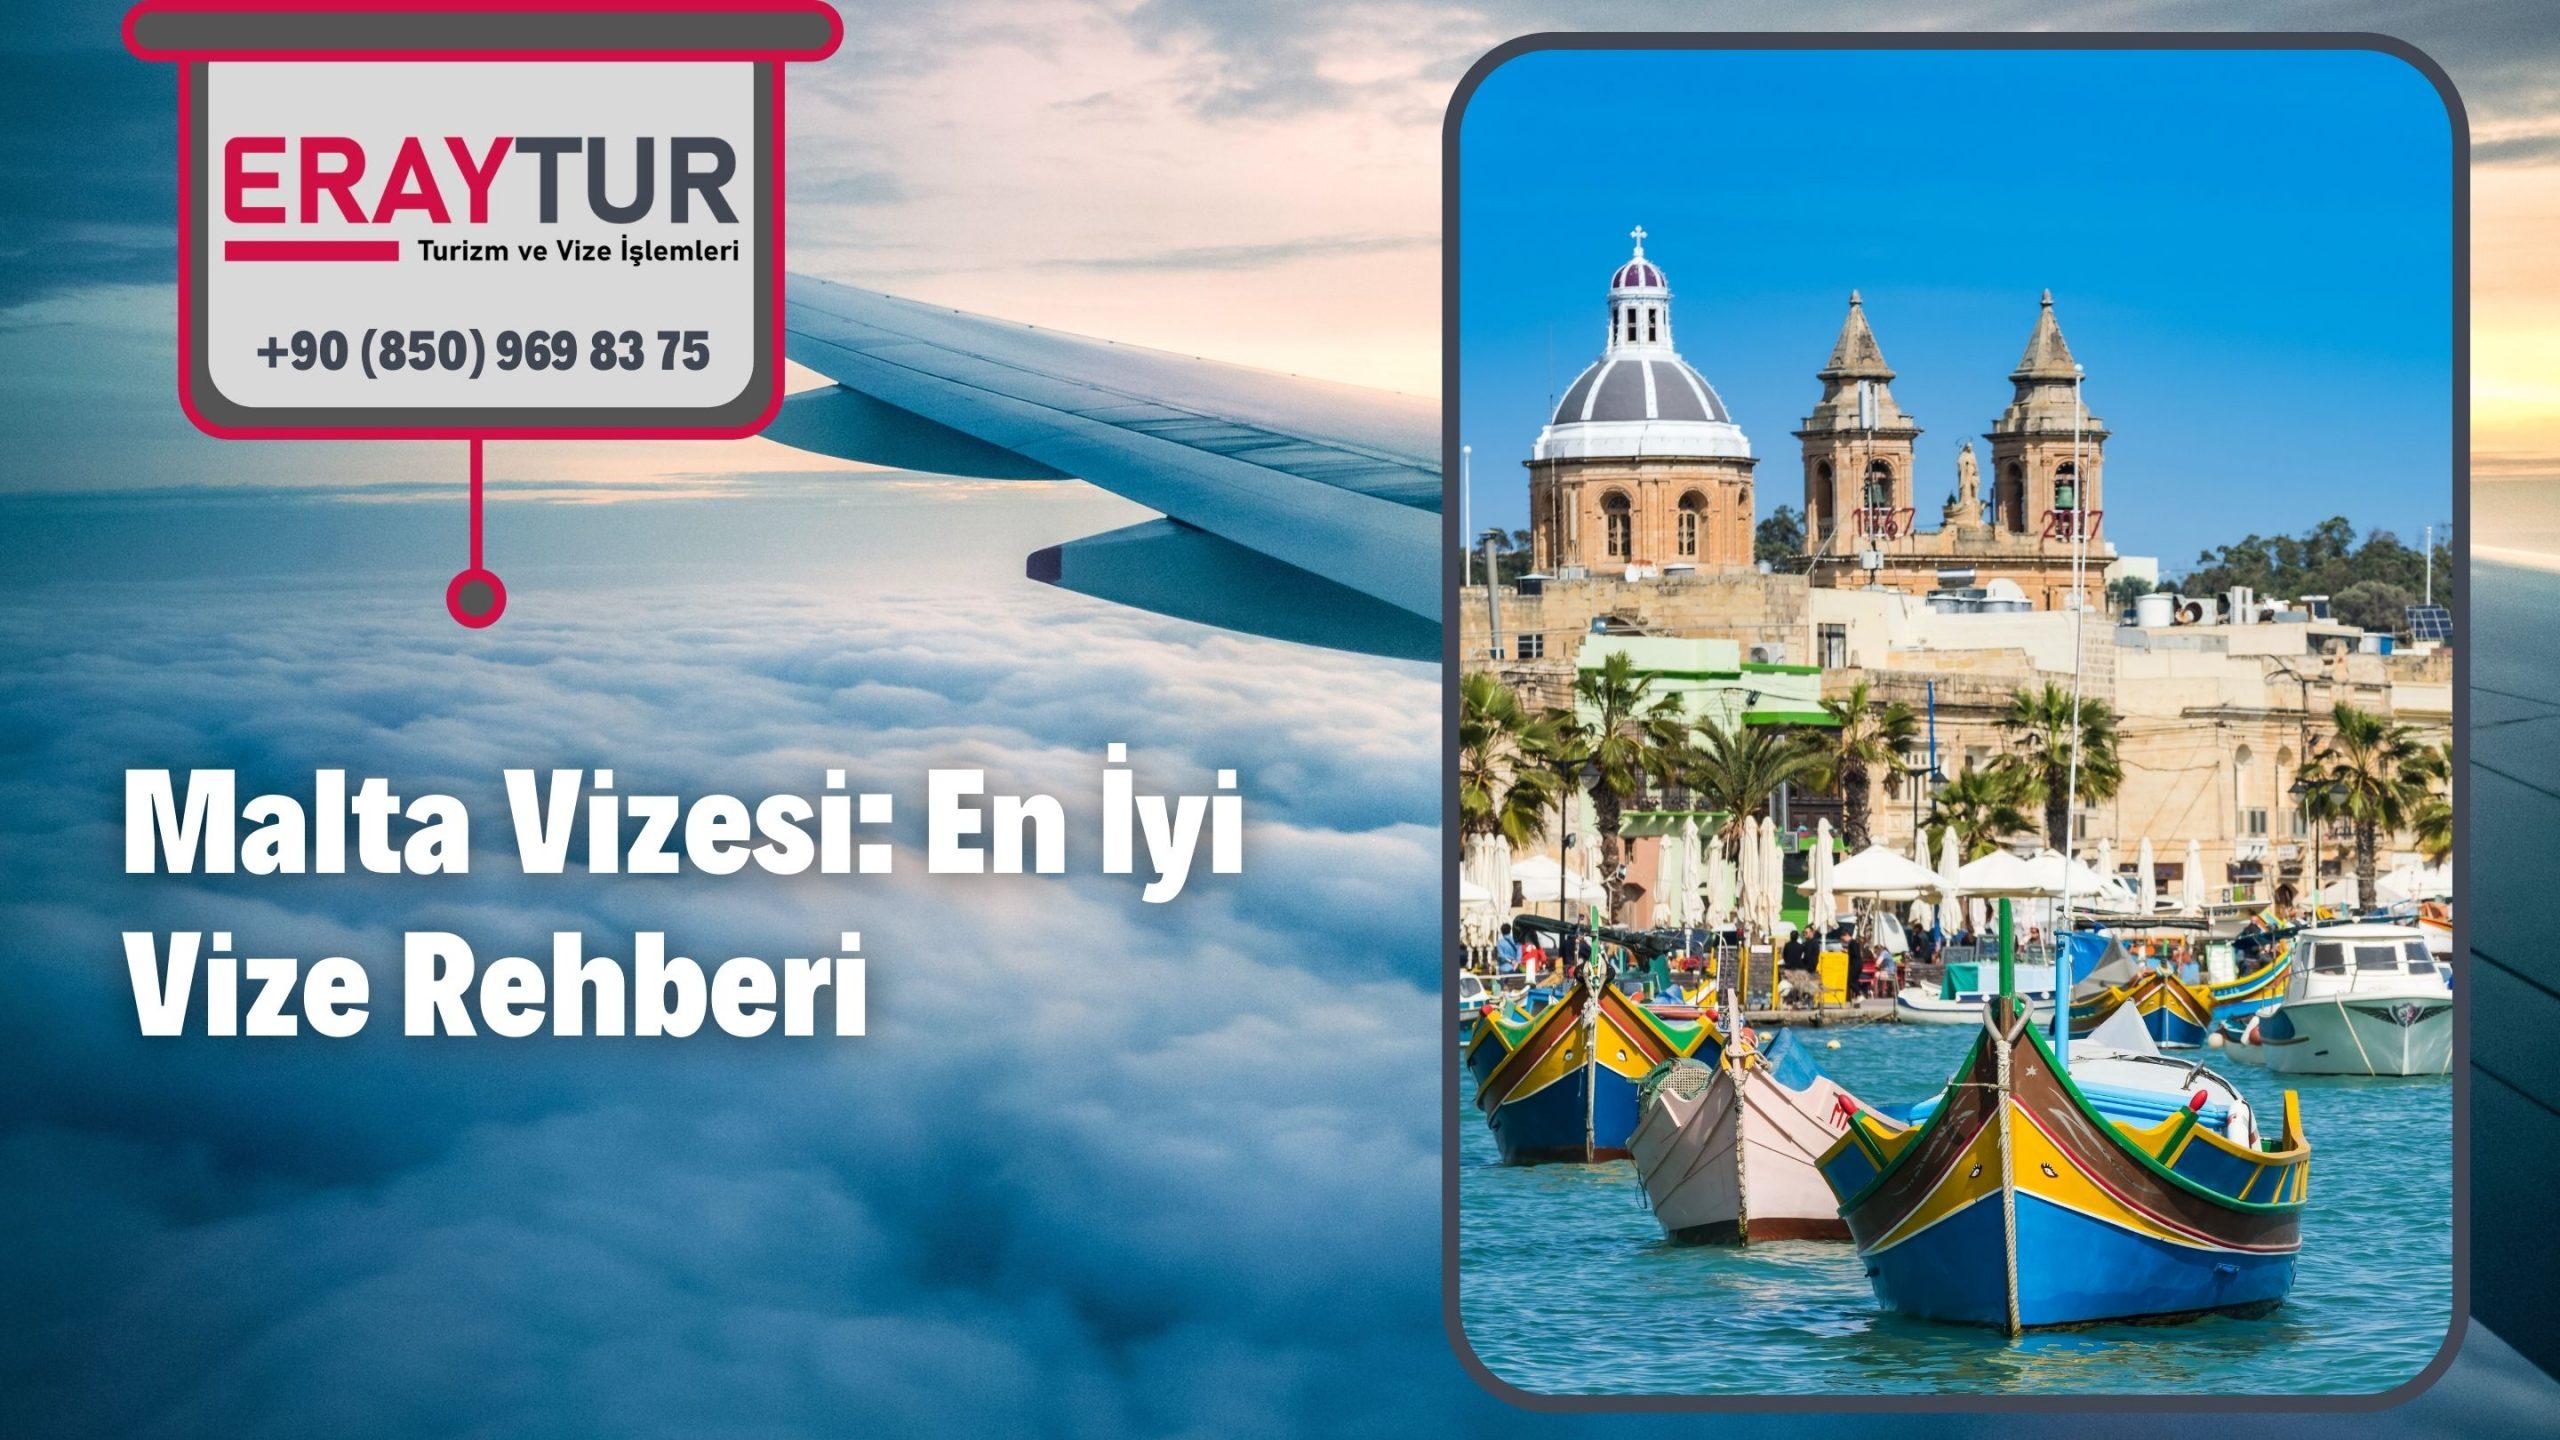 Malta Vizesi: En İyi Vize Rehberi 1 – malta vizesi en iyi vize rehberi 2 scaled